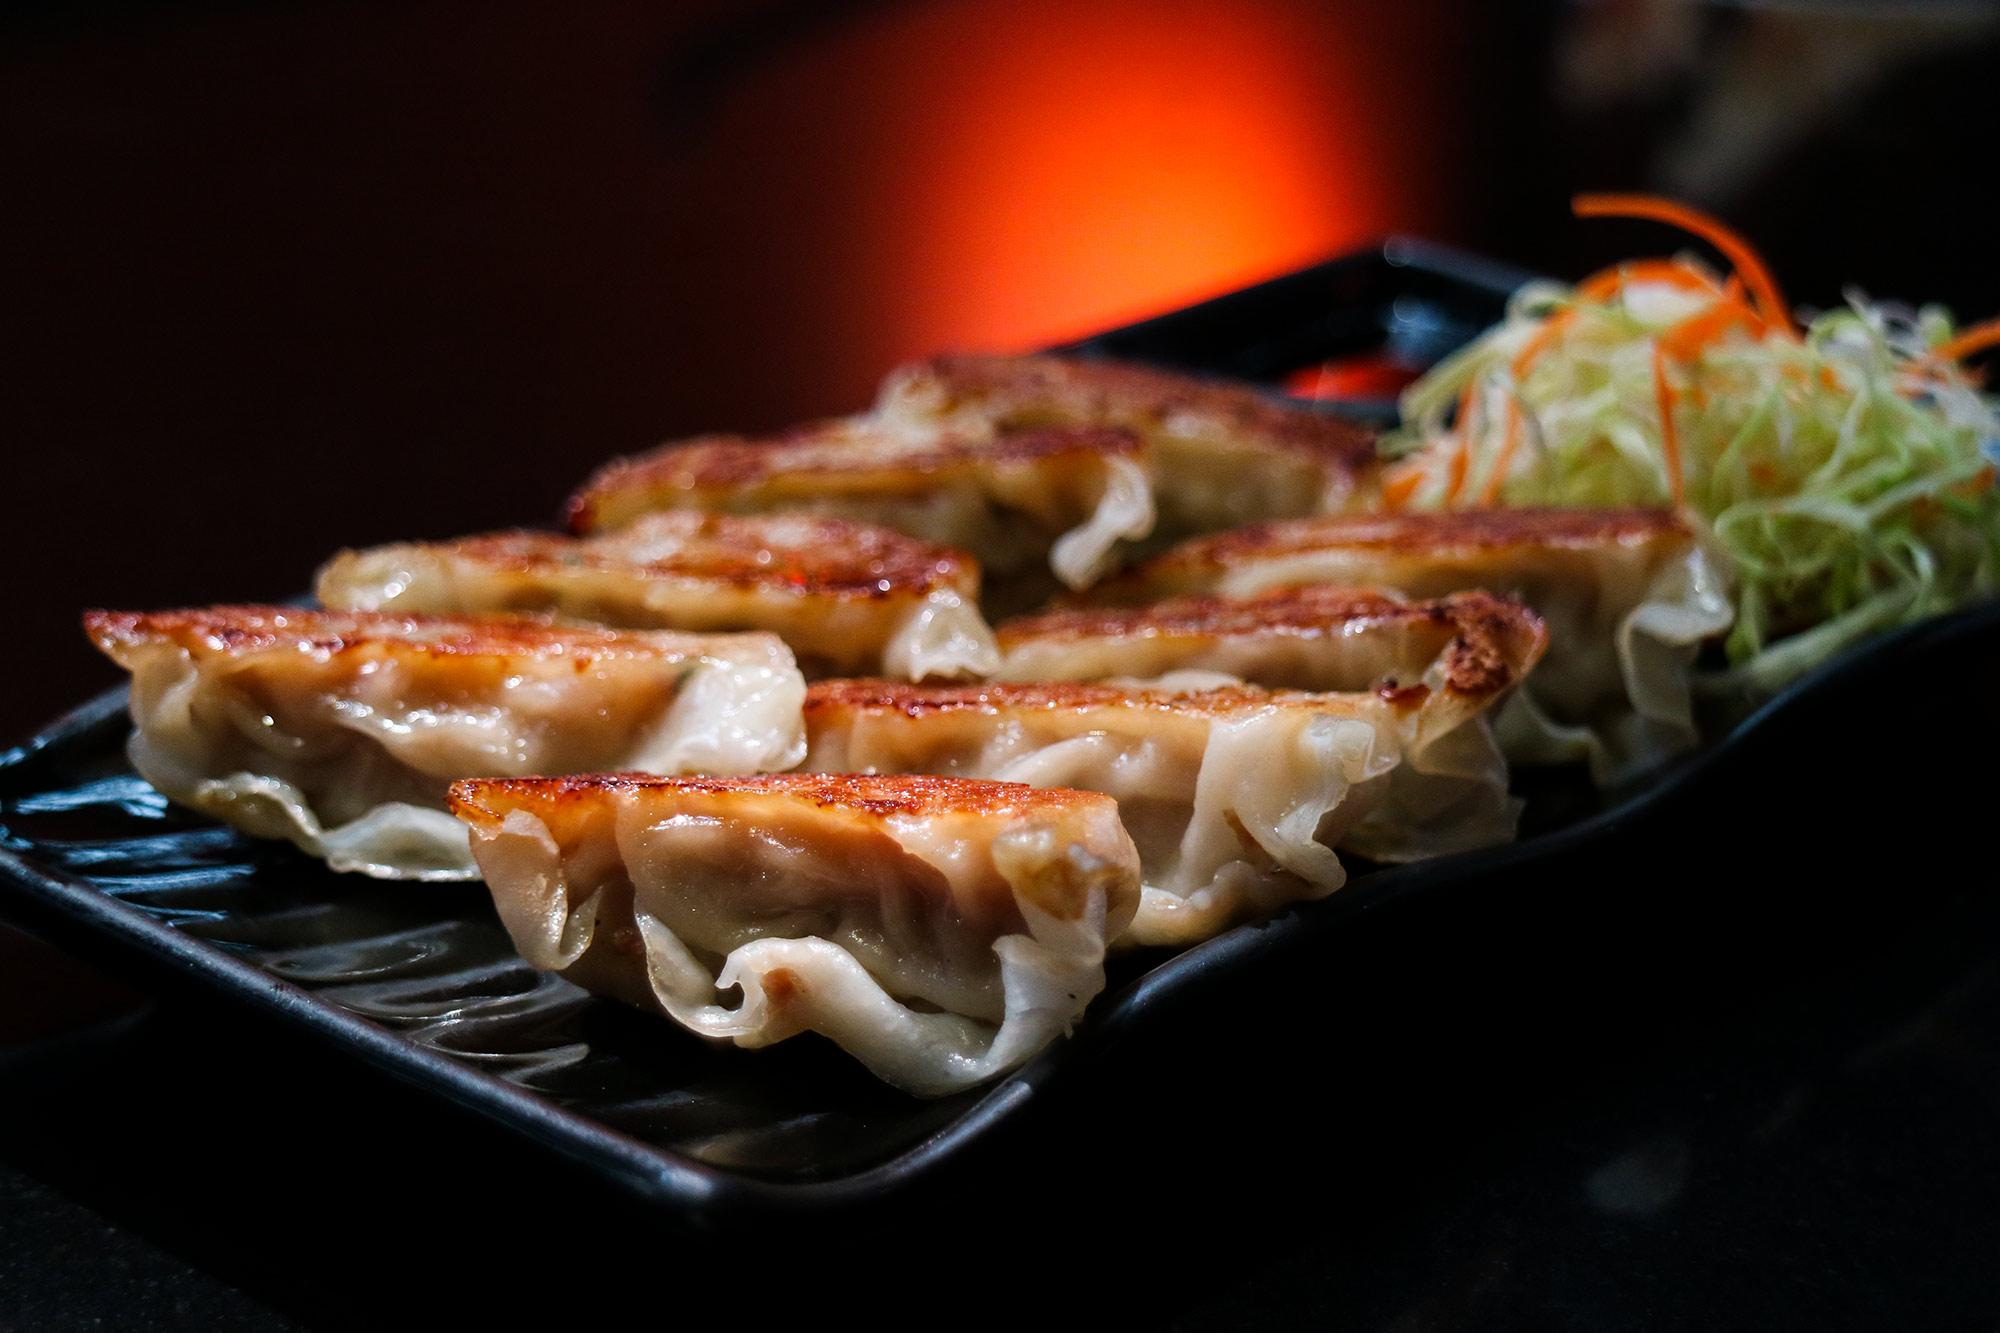 เกี๊ยวซ่า  Kin Japanese Restaurant & Ramen ท่าอากาศยานสุวรรณภูมิ IMG 1420